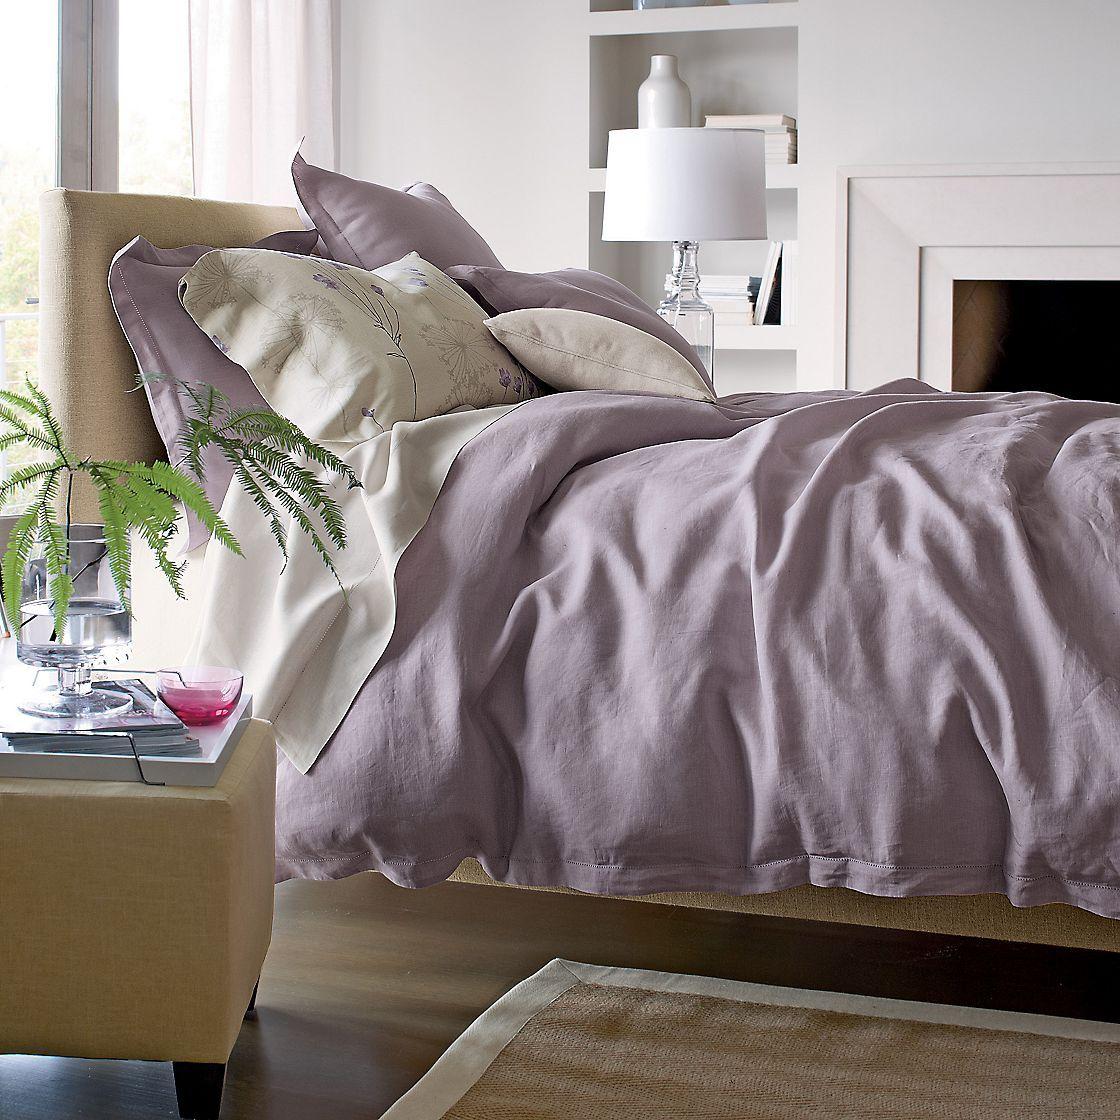 comfort wash solid linen comforter cover  duvet cover  the  - comfort wash solid linen comforter cover  duvet cover  the company store